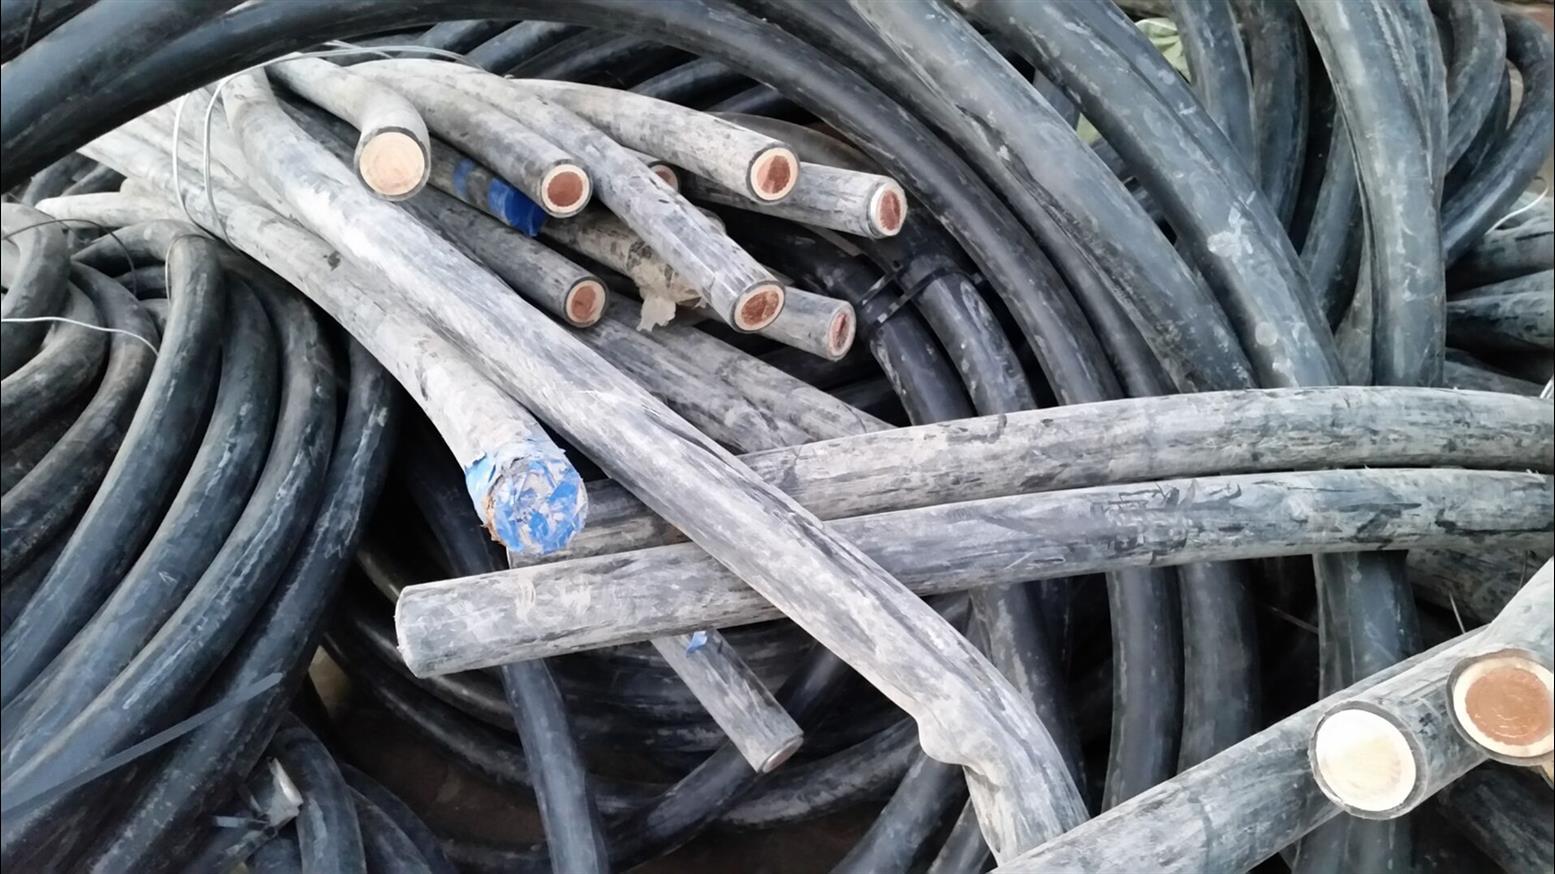 中山市神湾镇【电缆回收】声明:本站不生产及销售只回收